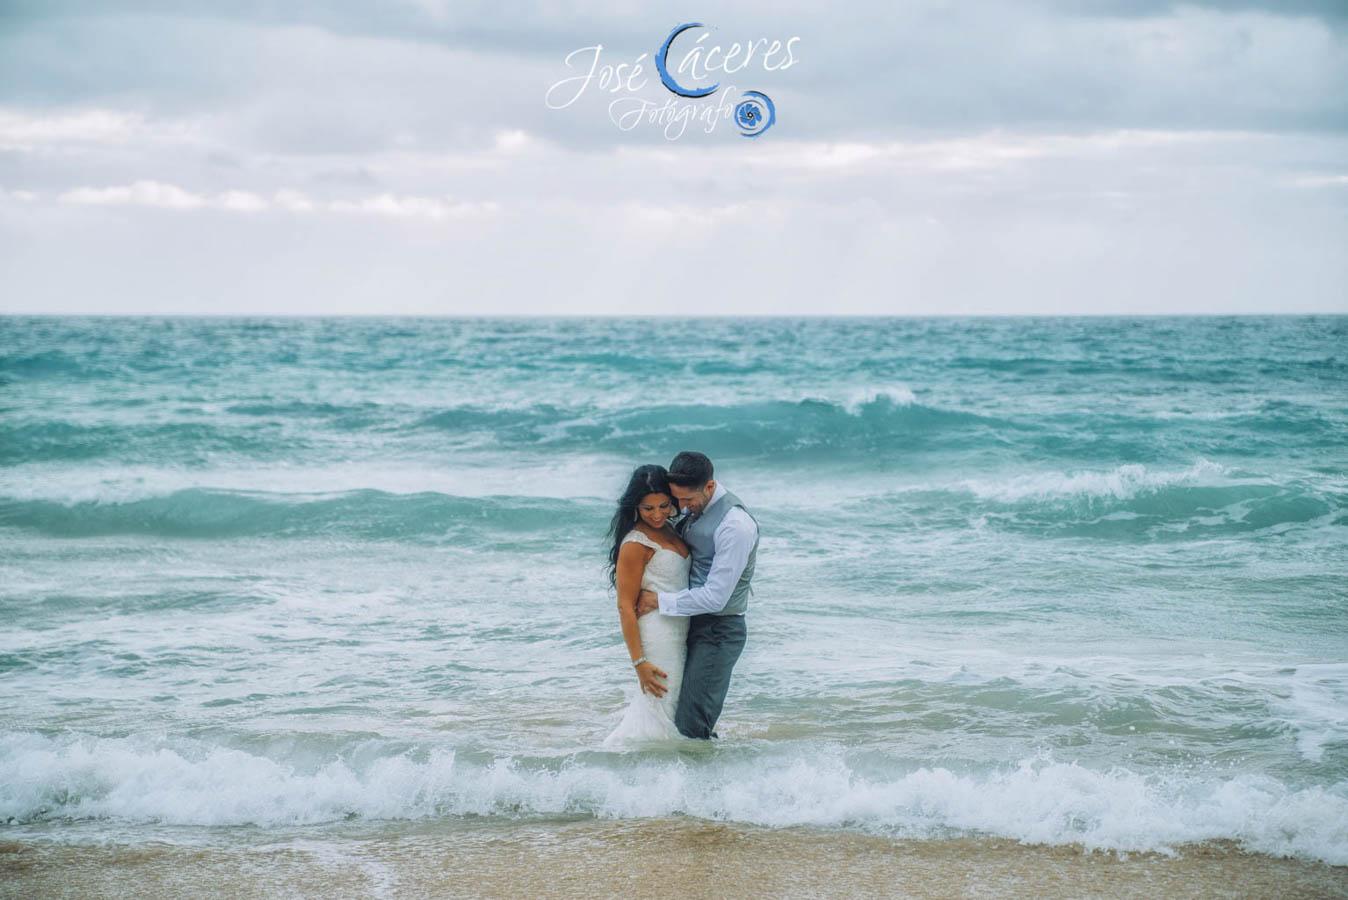 Sesion fotografica de jose caceres fotografia, post boda leticia y jose luis, playas-28